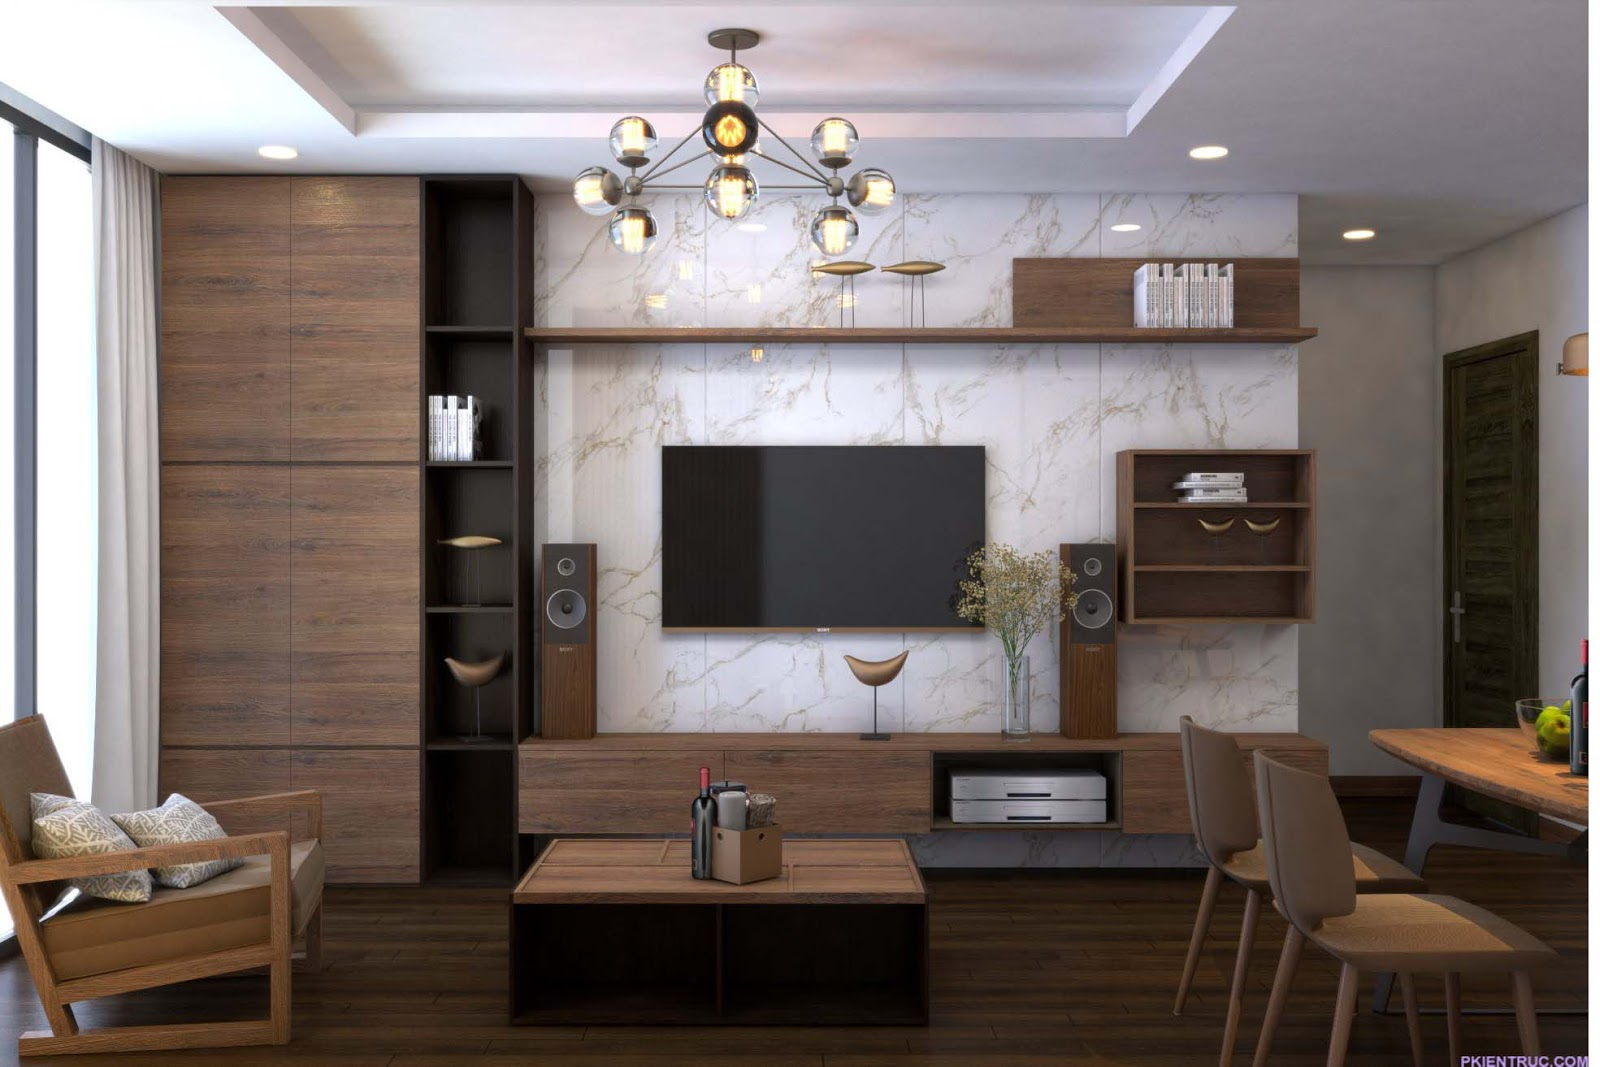 Phối cảnh render Nội thất phòng khách và bếp ăn căn hộ mẫu- ảnh 3